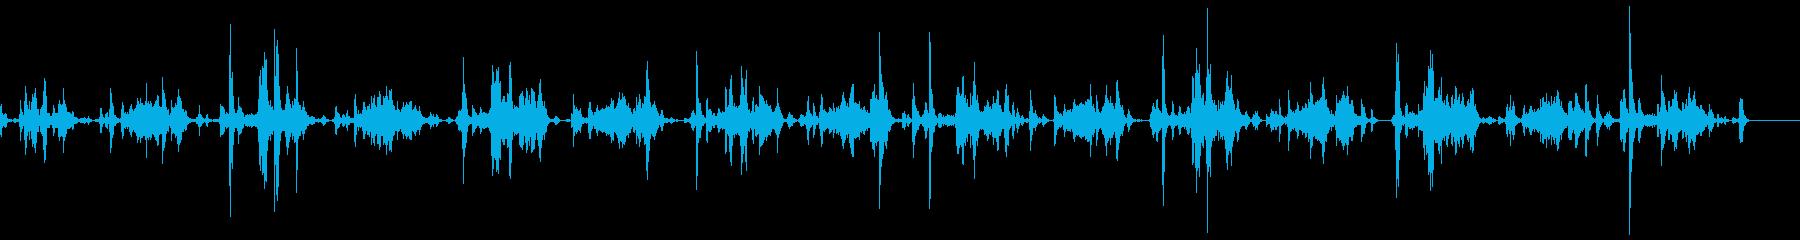 洗濯機の音(すすぎ)の再生済みの波形